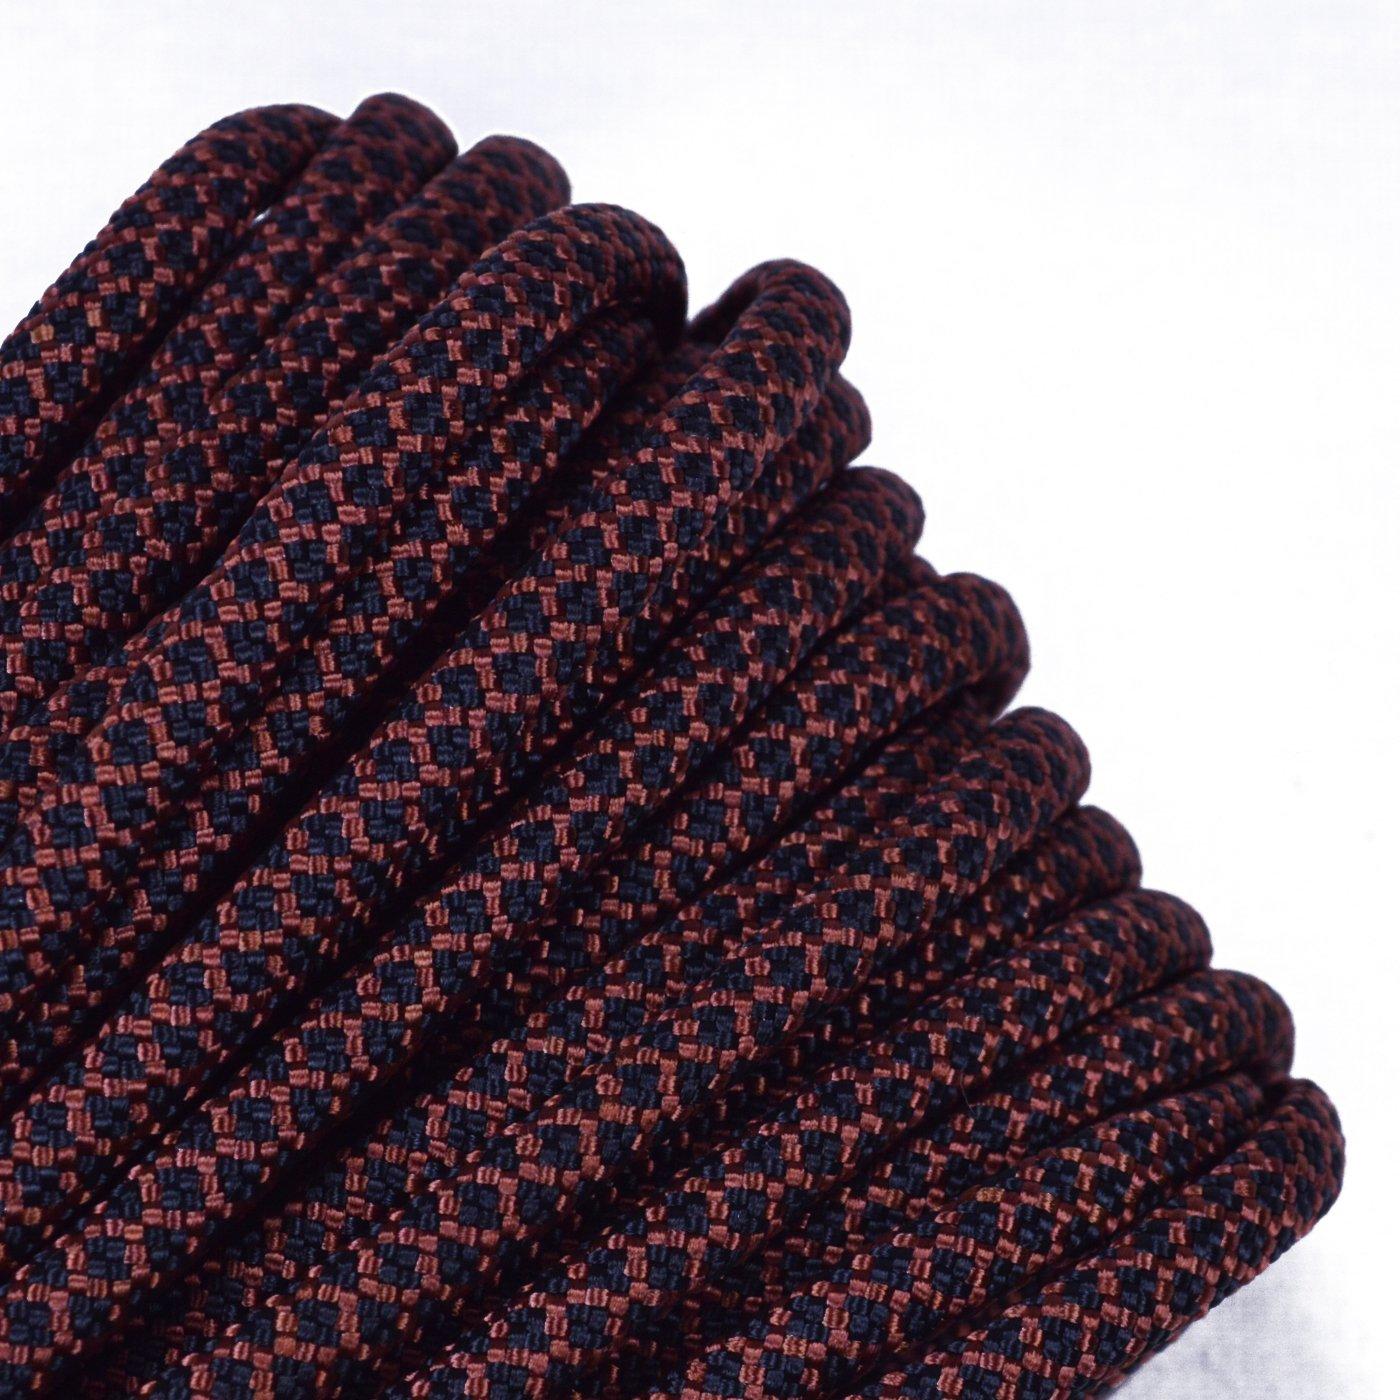 Boredパラコード – Over 300色1 '、10 '、25、50、100 ' Hanks & 250 '、1000 'スプールのパラシュート550コードタイプIII 7ストランドParacord B076FKWJSL ブラック|10.0 フィート ブラック